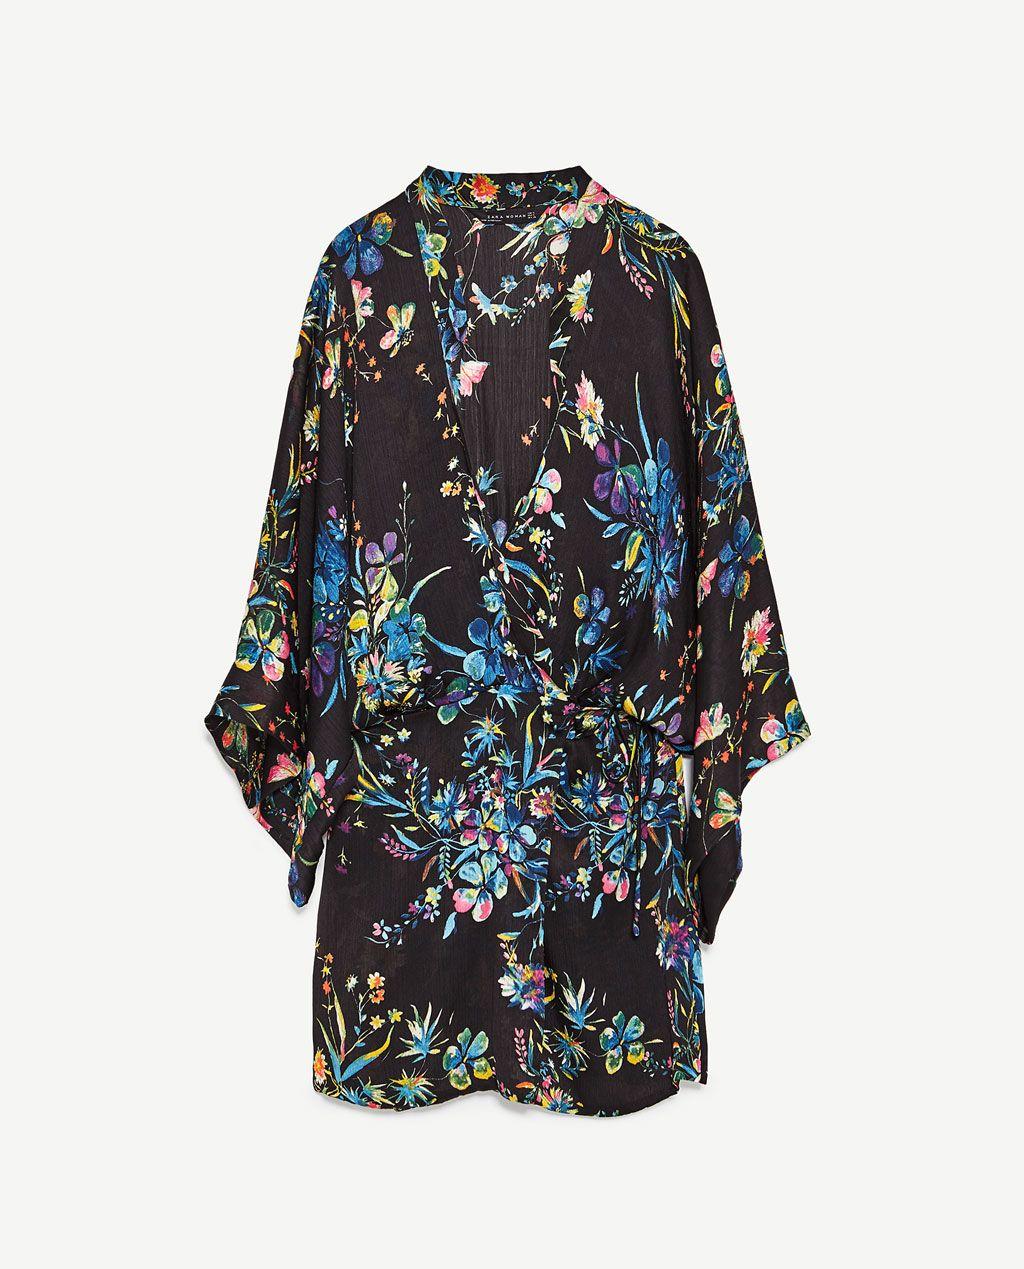 Dresses Blomstret Floral Zara Fashon 8 Billede Af Kimono Fra g0E6TCCqw